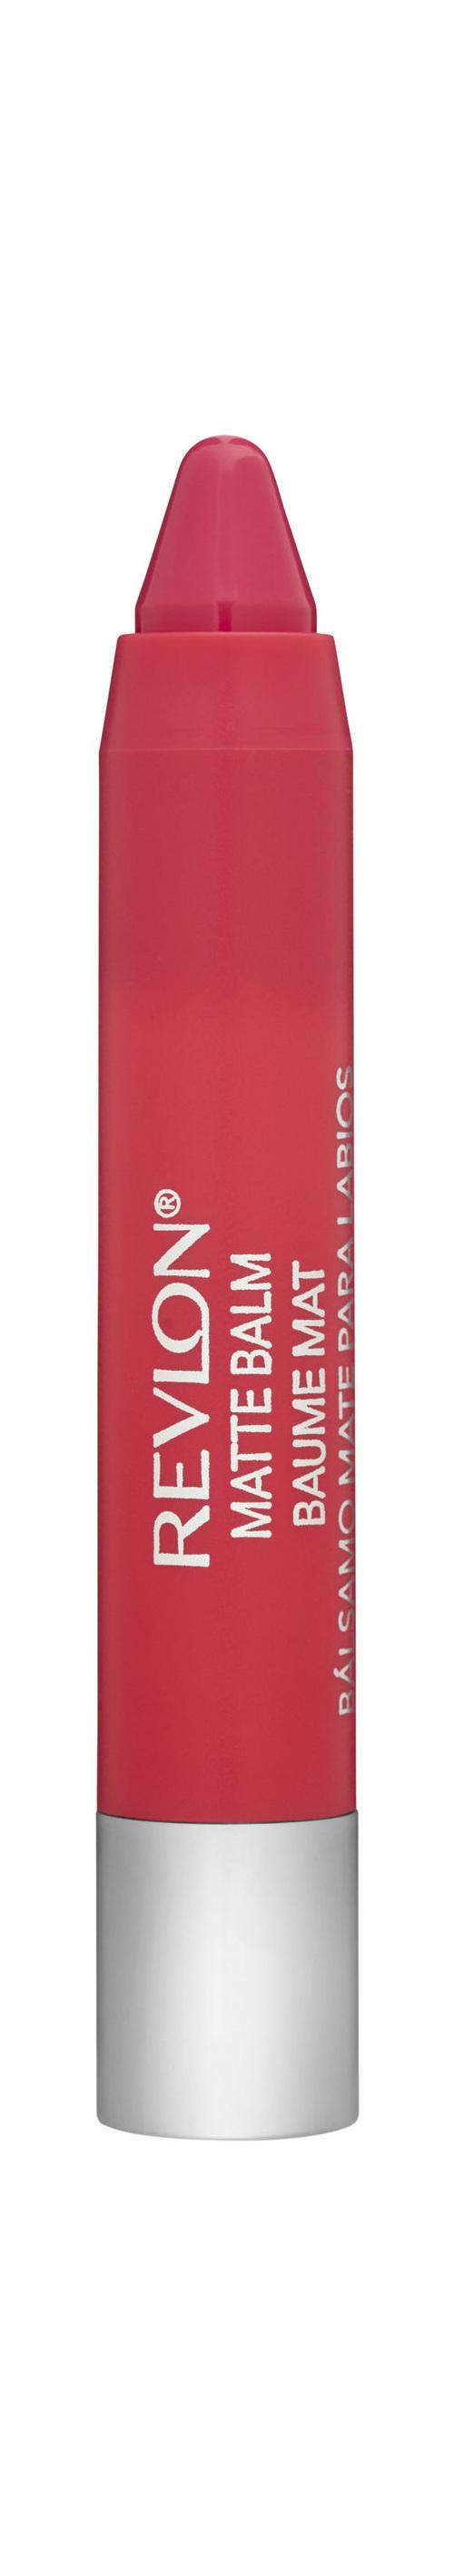 Revlon Colorburst™ Matte Balm Unapologetic